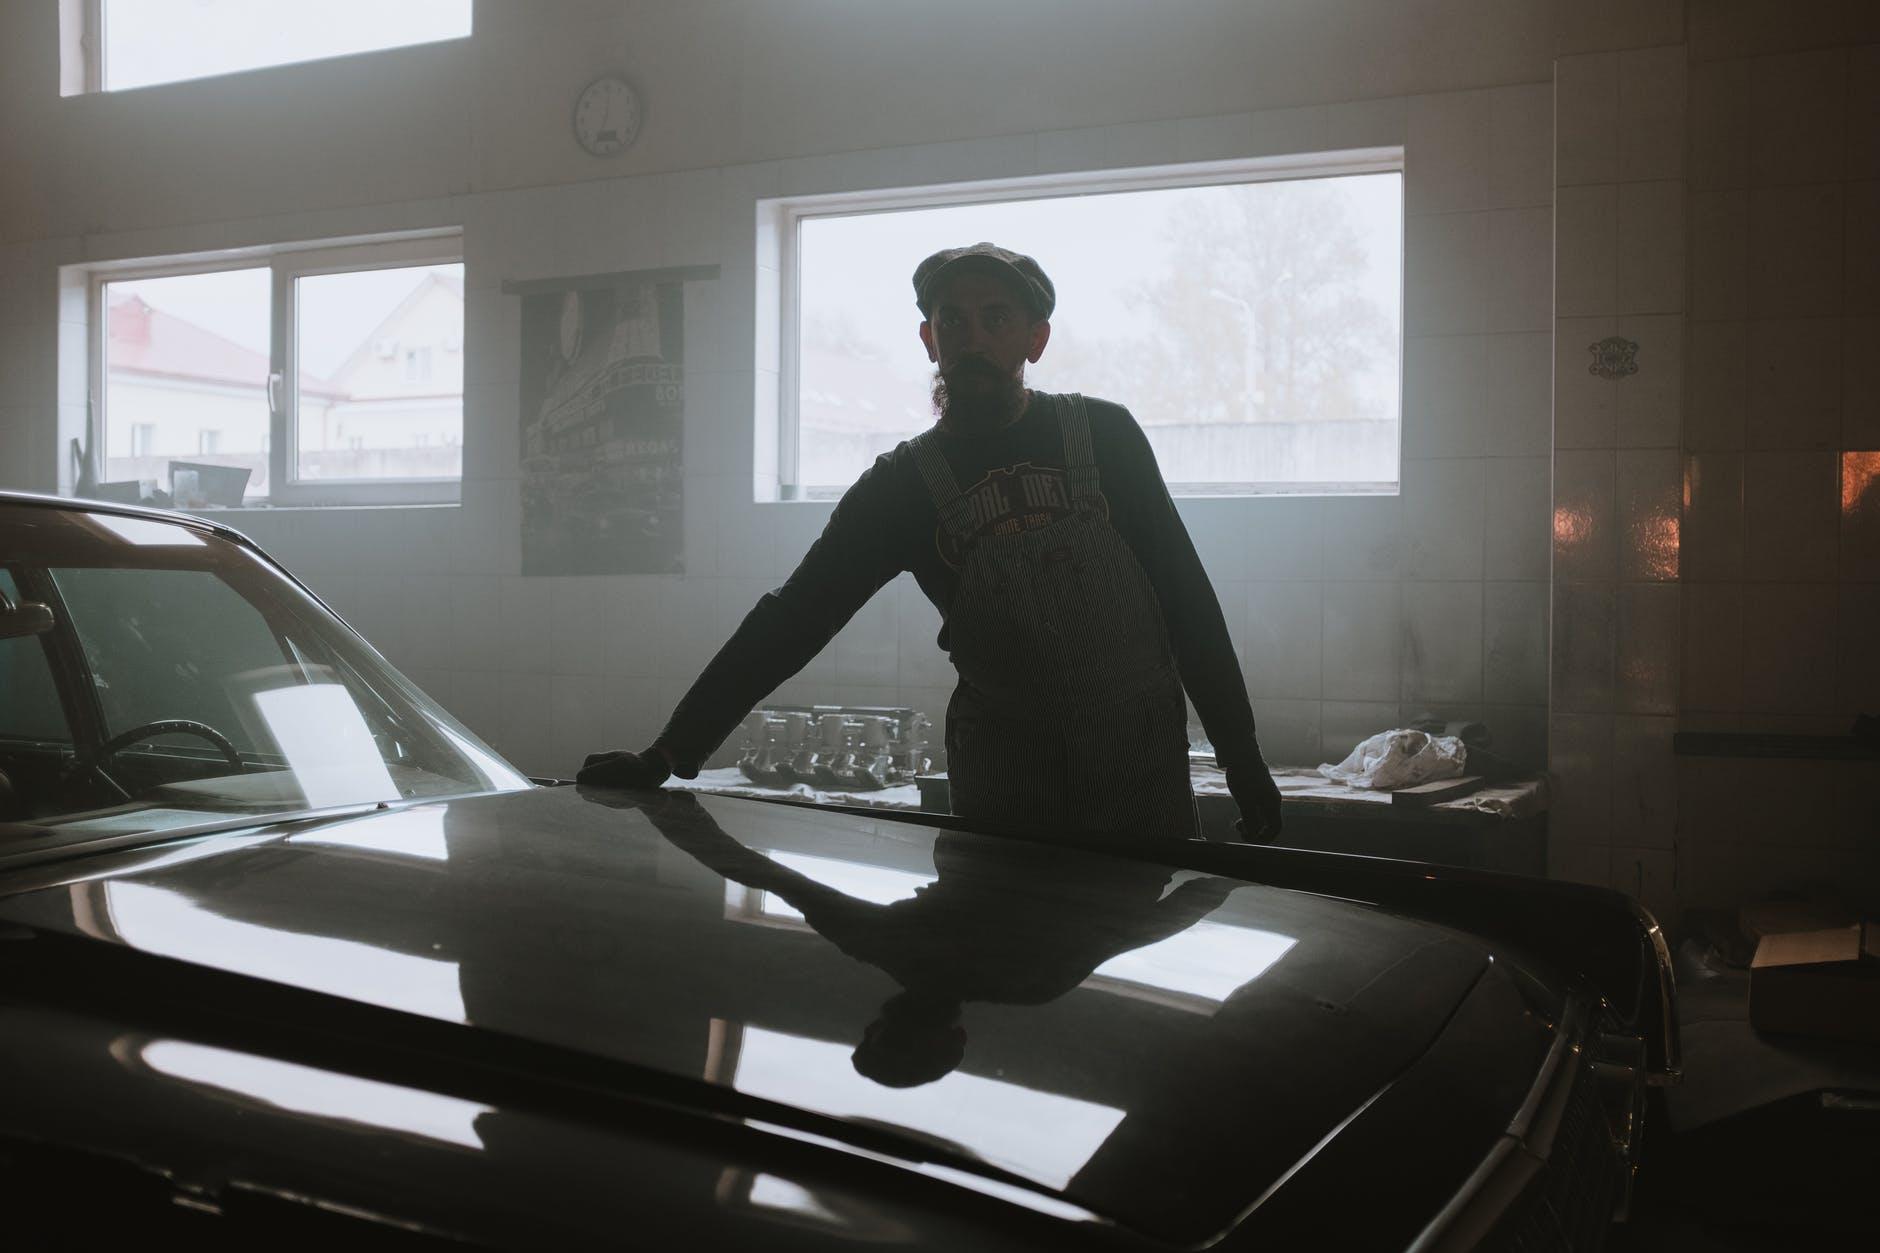 man in black jacket standing near window